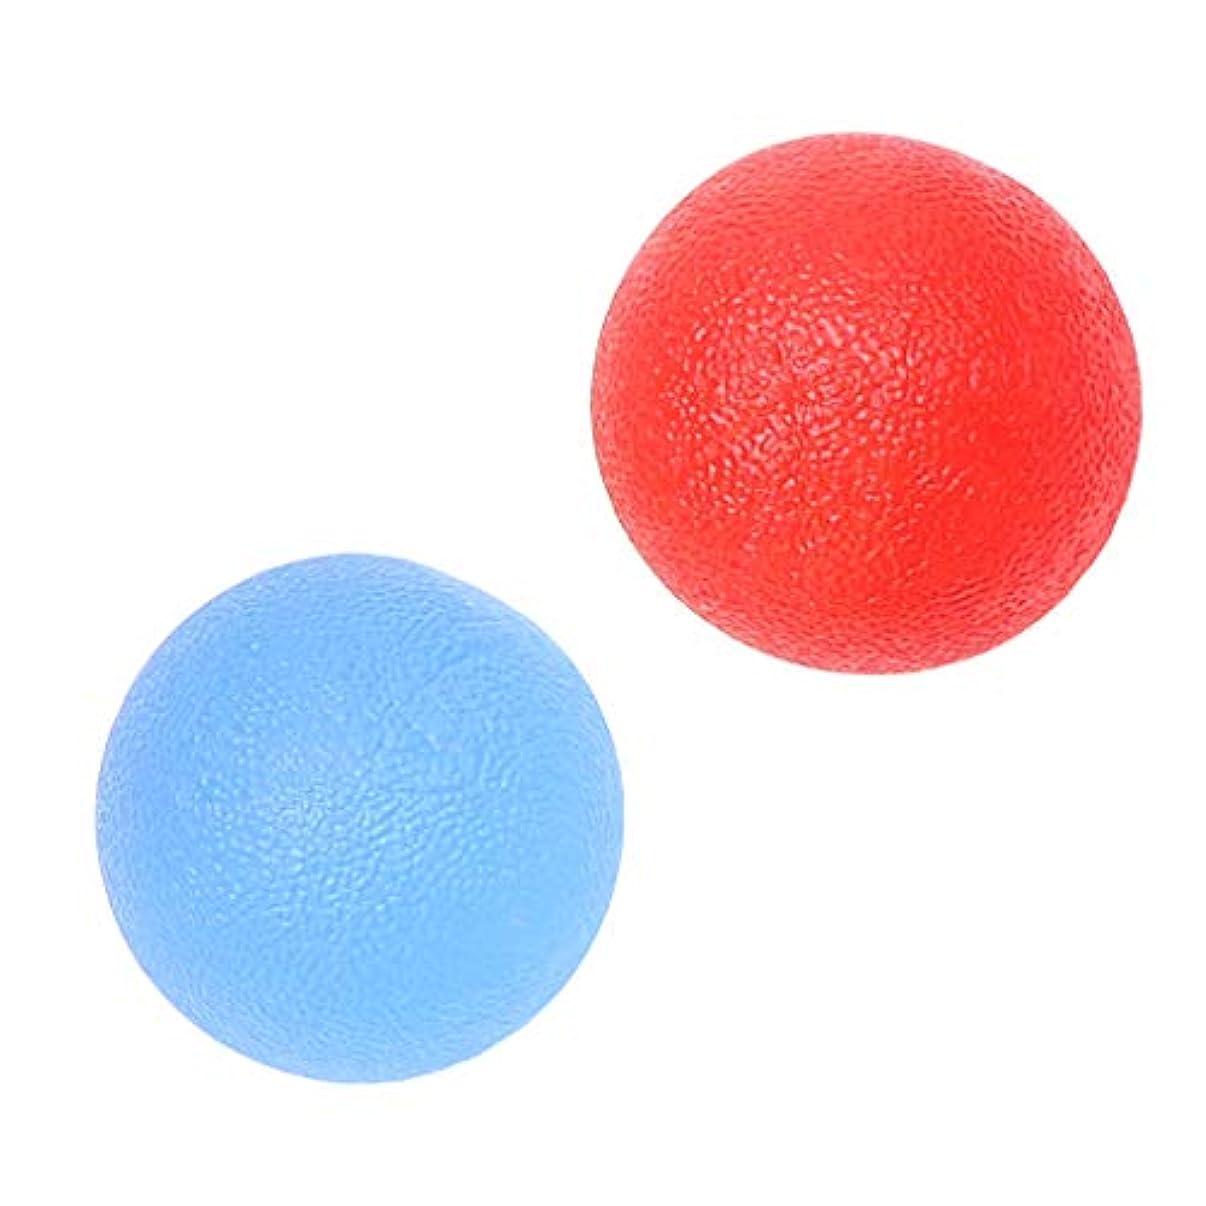 不愉快に刺繍貧困ハンドグリップ ボール シリコン マッサージ 指トレーニング ストレス緩和 赤/青 2個入